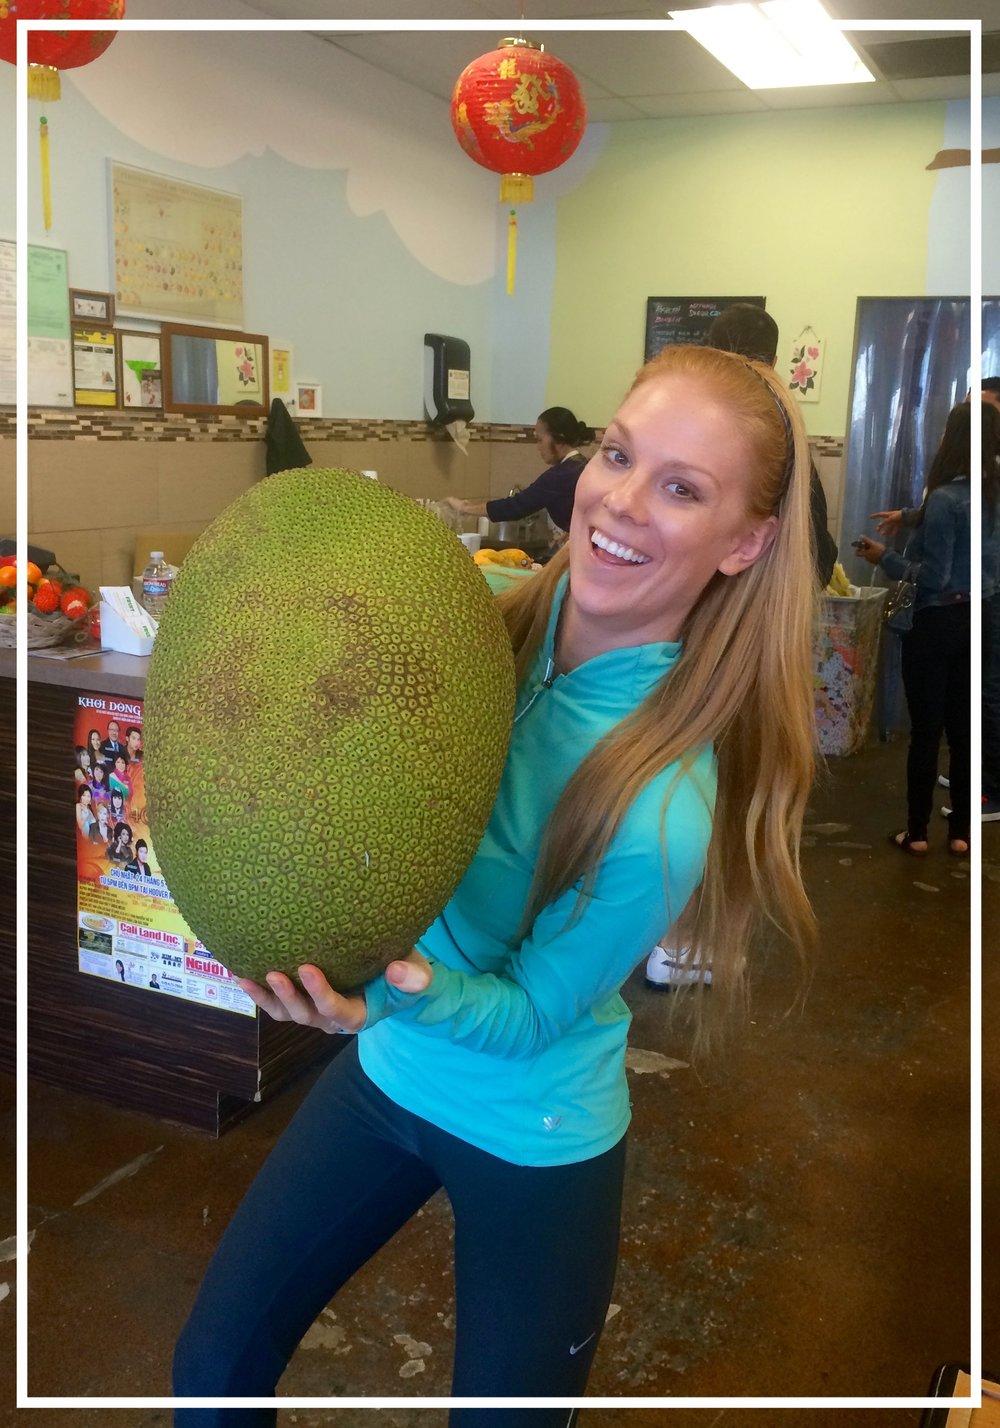 A 40 pound jackfruit!